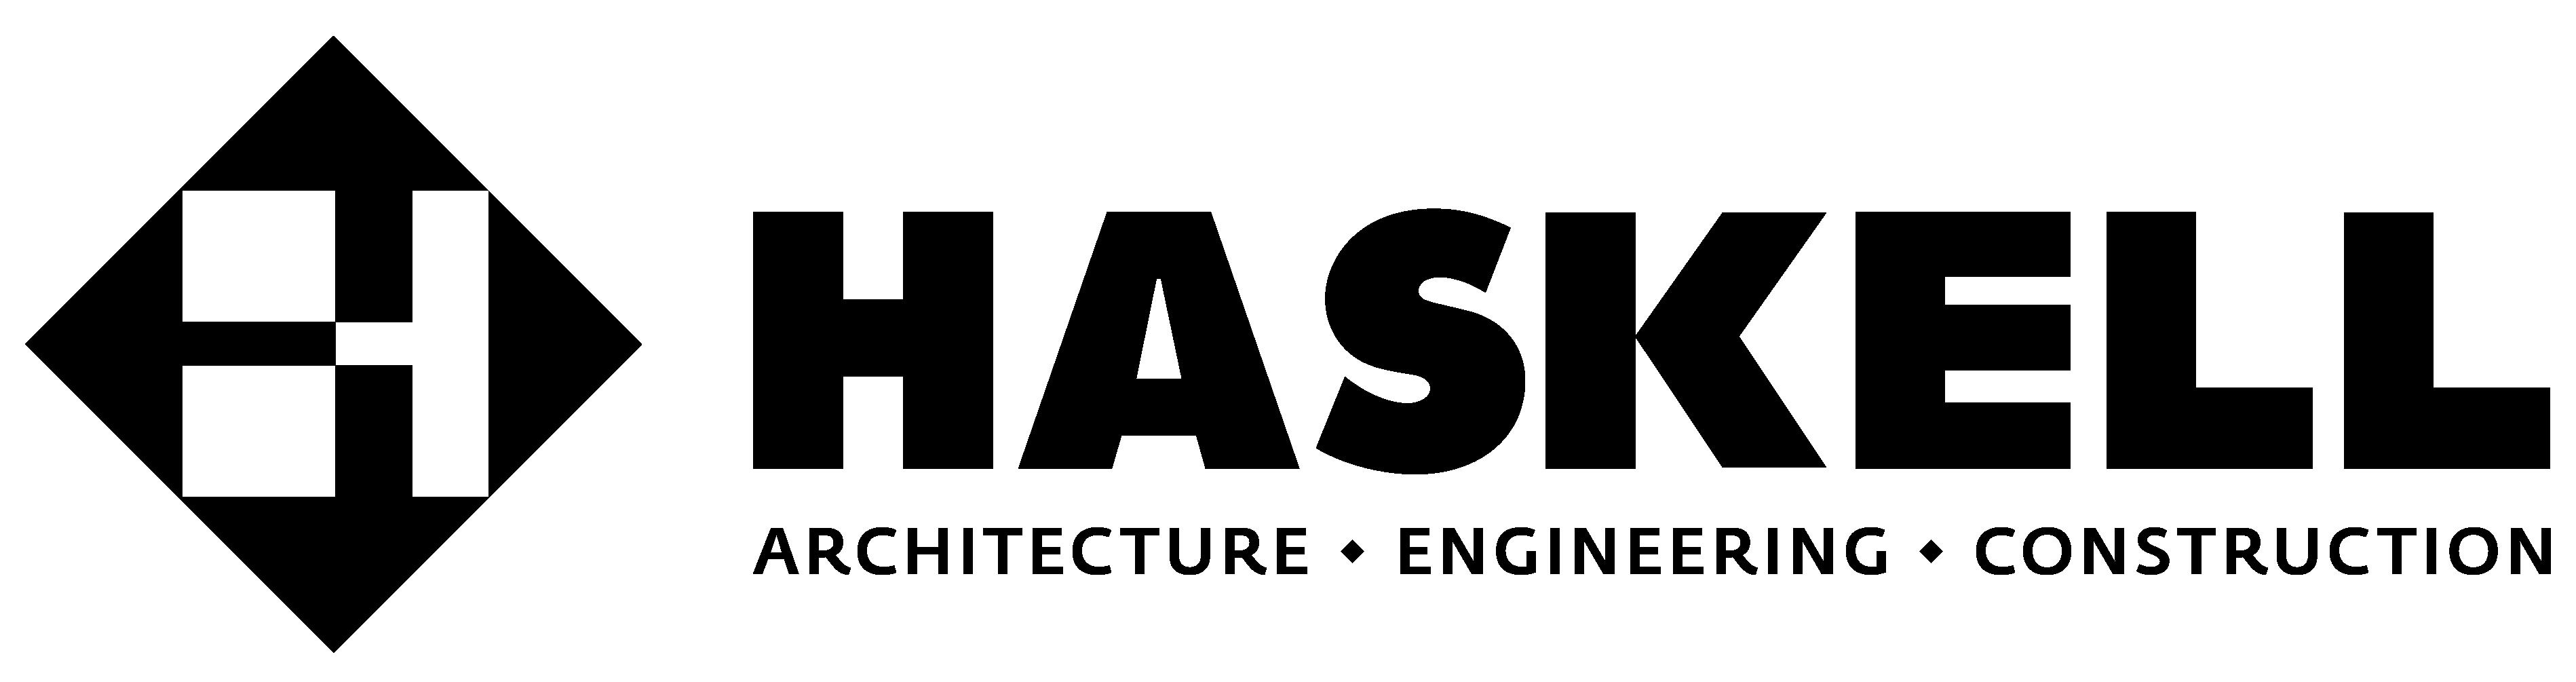 The Haskell Company logo